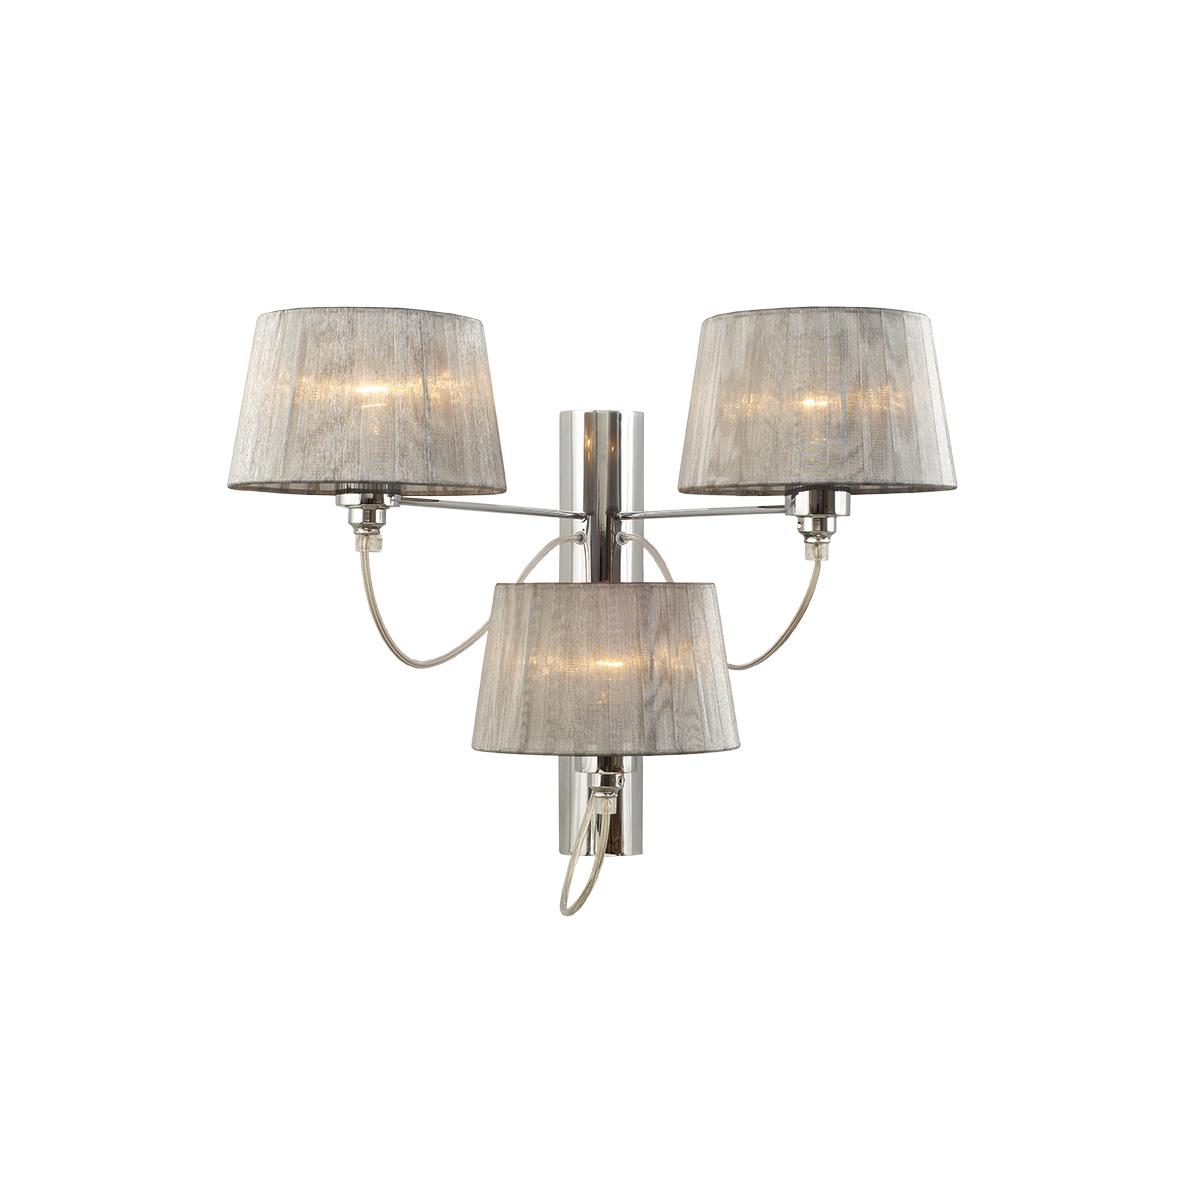 Μοντέρνο επιτοίχιο φωτιστικό ΟΡΓΑΝΤΖΑ modern wall lamp